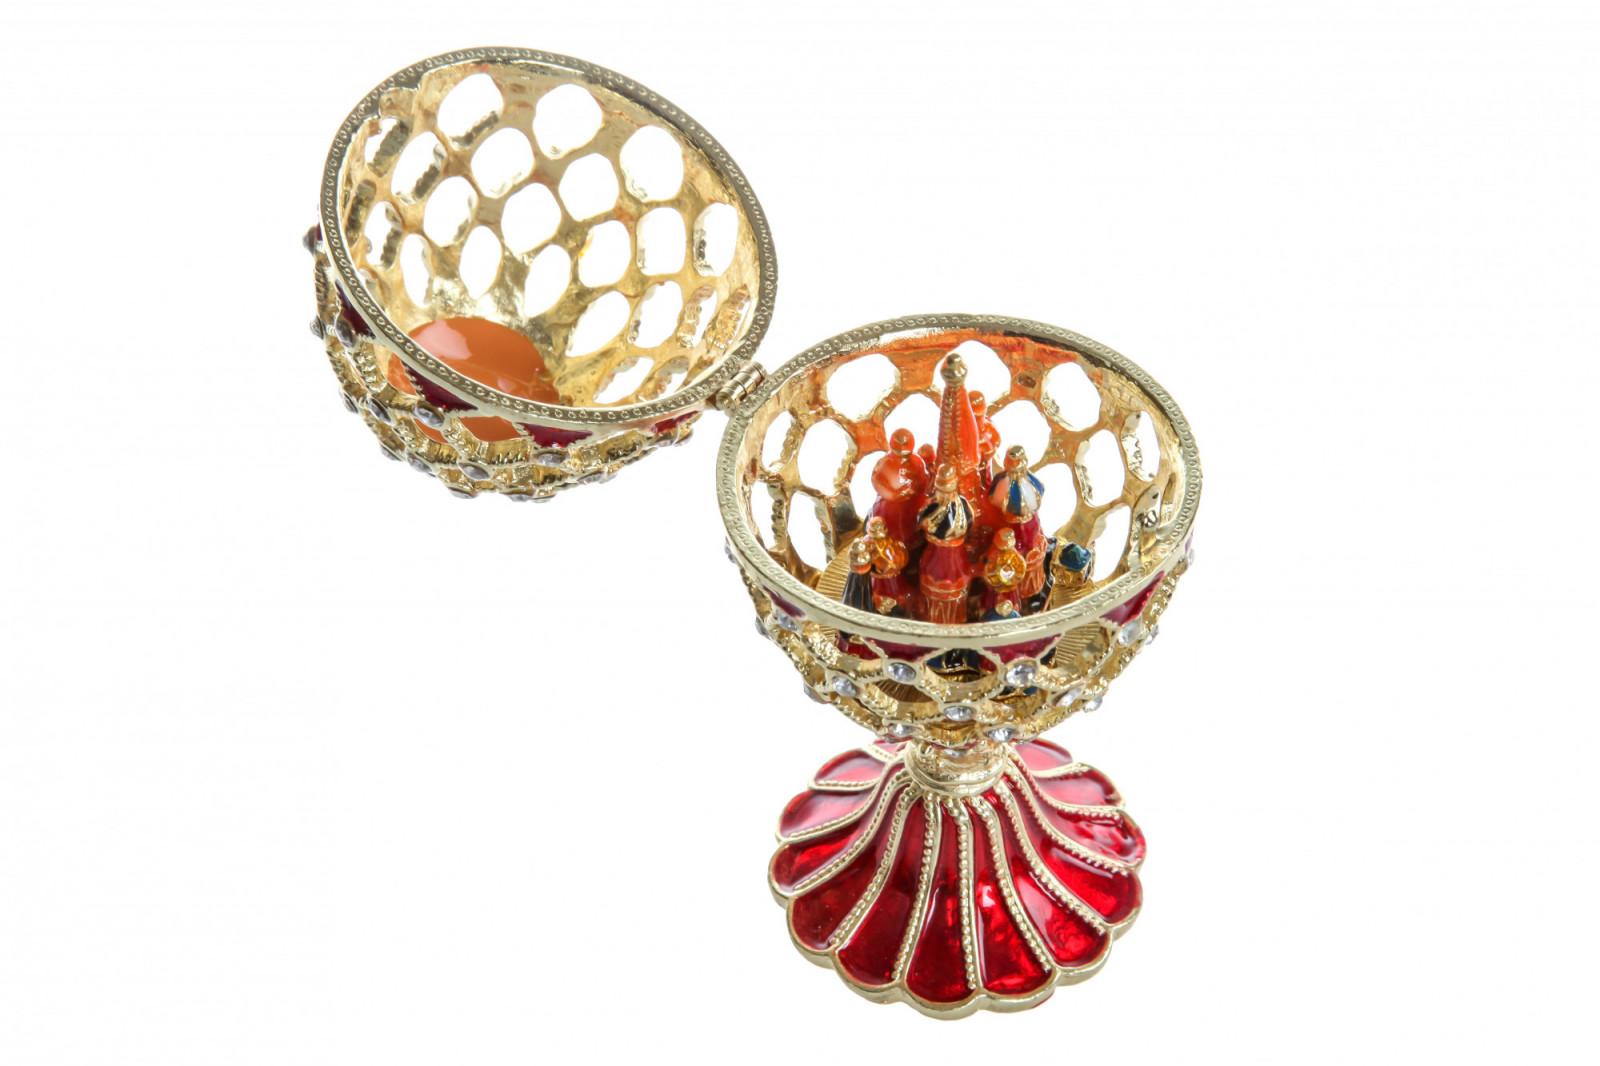 Шкатулка для украшений Яйцо Фаберже S-4456 красный